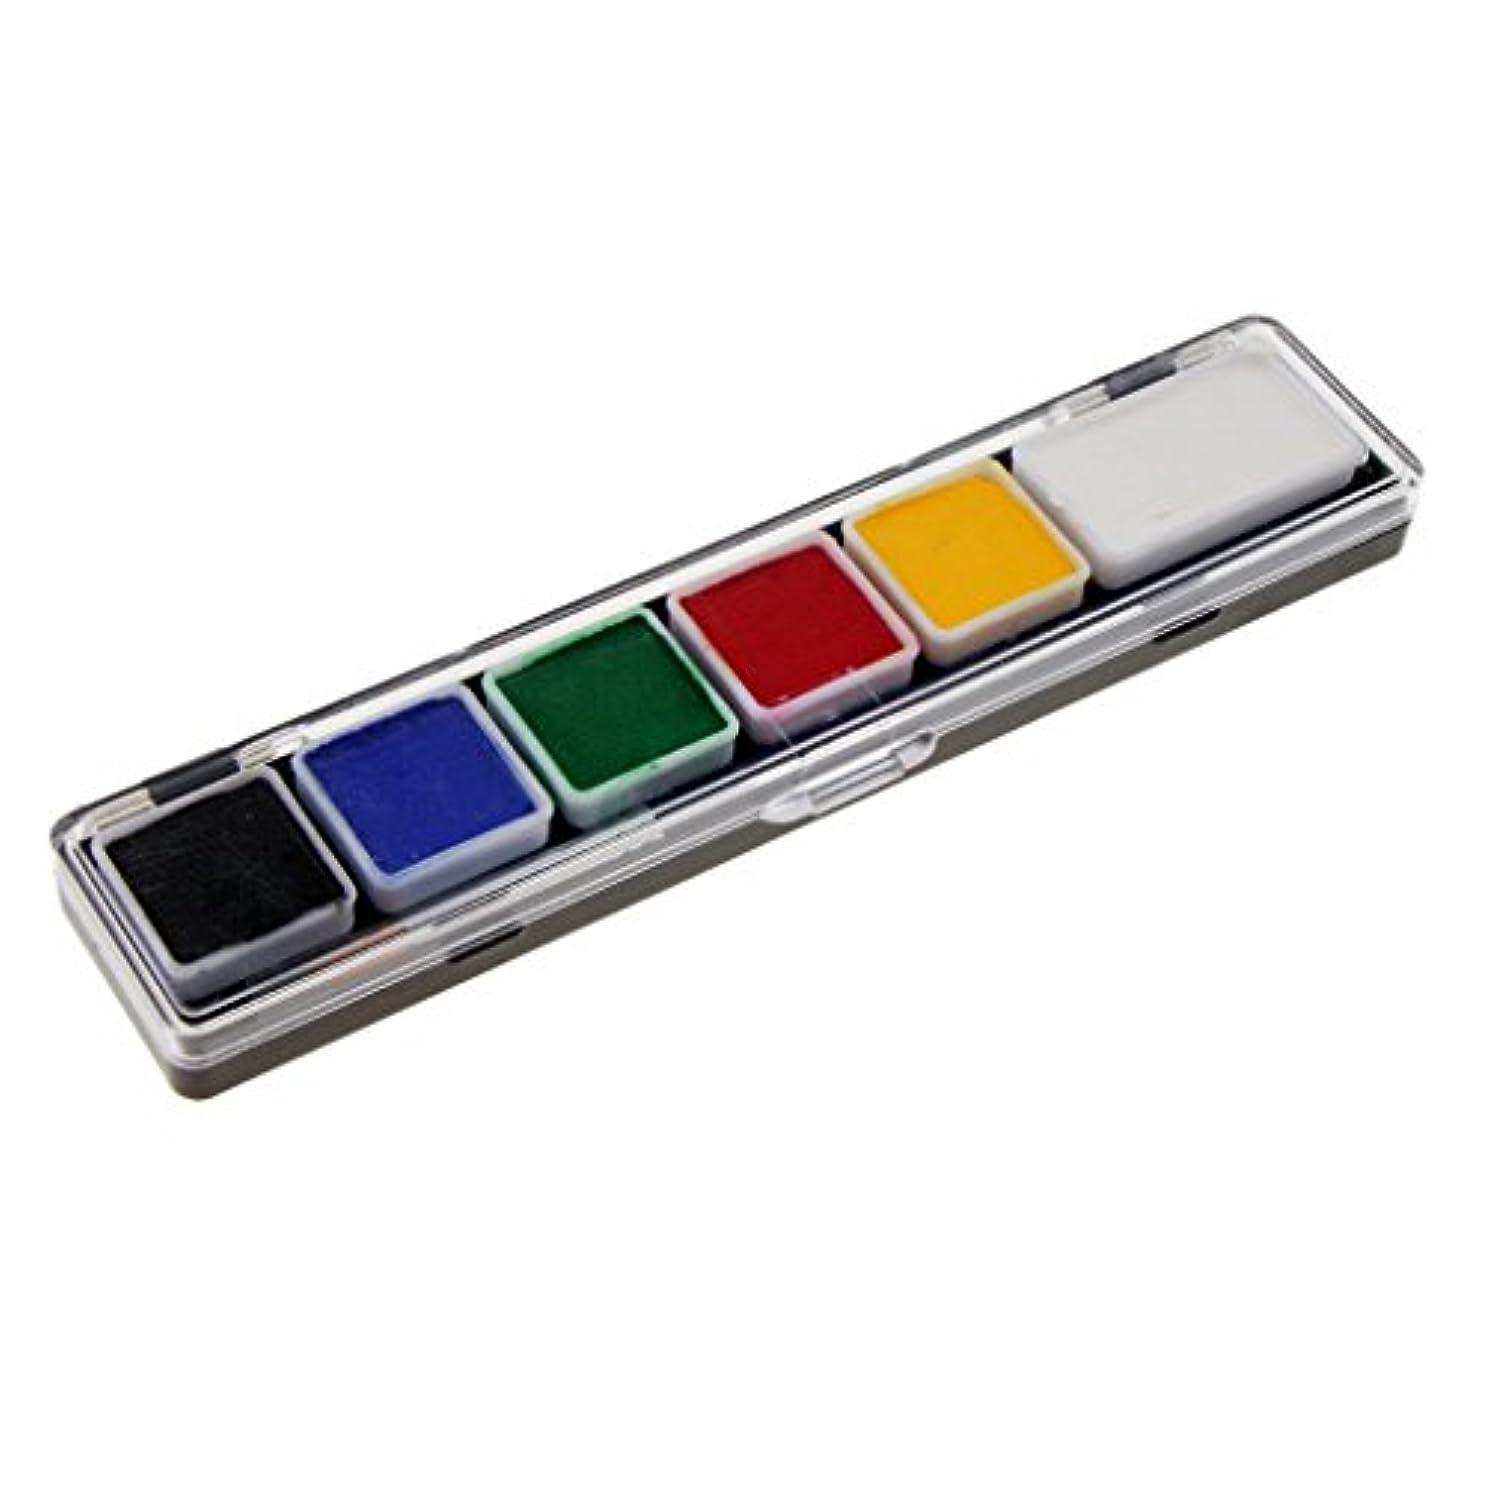 前提条件チップ構造的SM SunniMix フェイスペイントパレット ボディーペイント パレット 絵具 6色セット コスプレ仮装用 防水 全6種 - RT005A